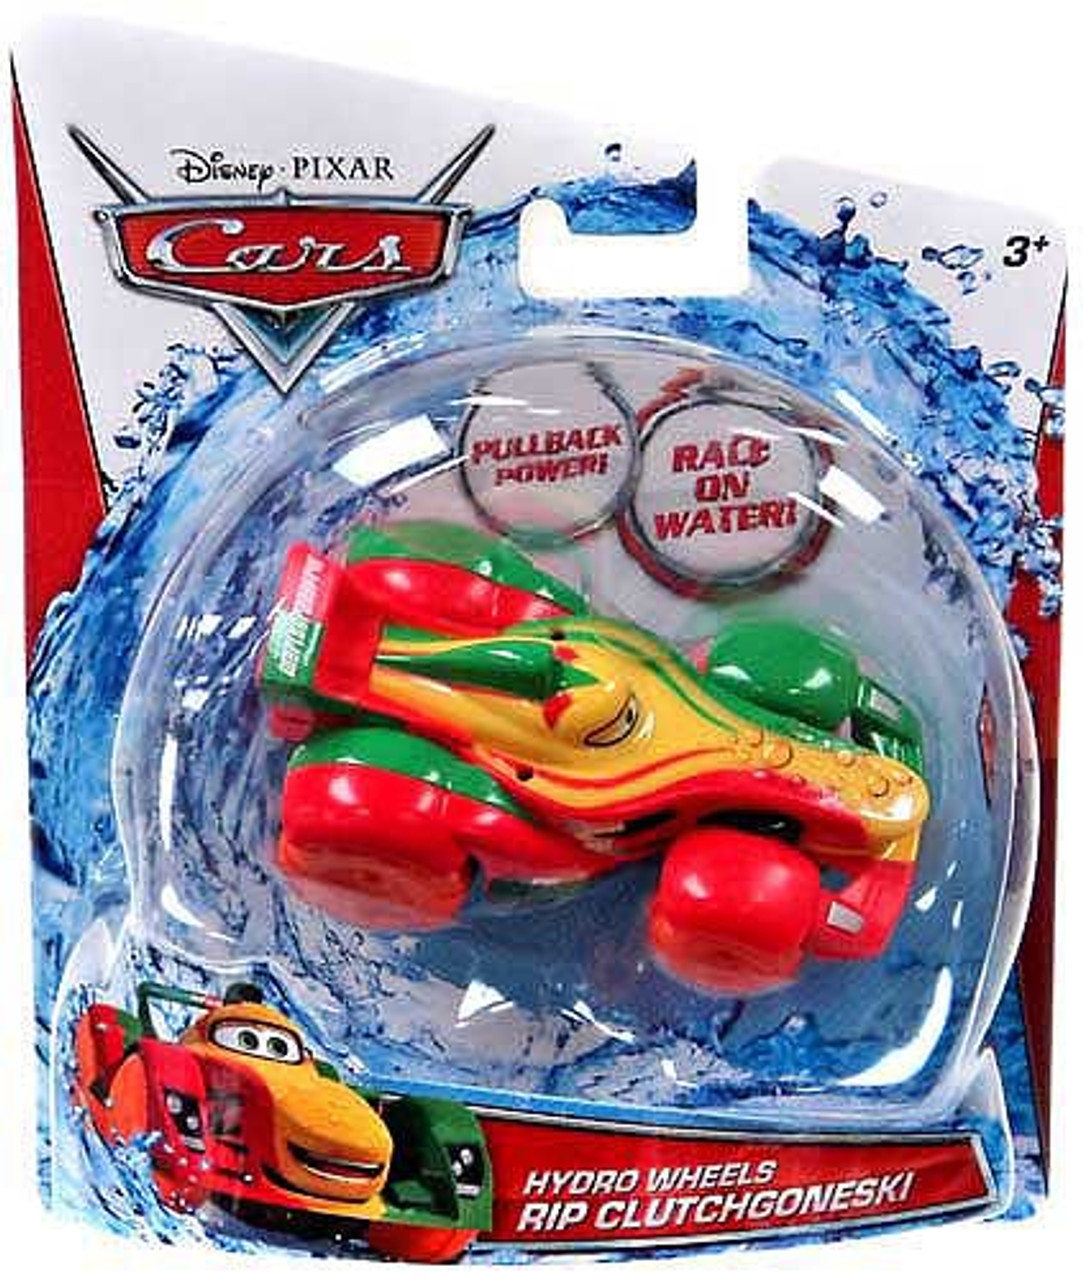 Disney Cars Hydro Wheels Rip Clutchgoneski Plastic Car [Random Package]